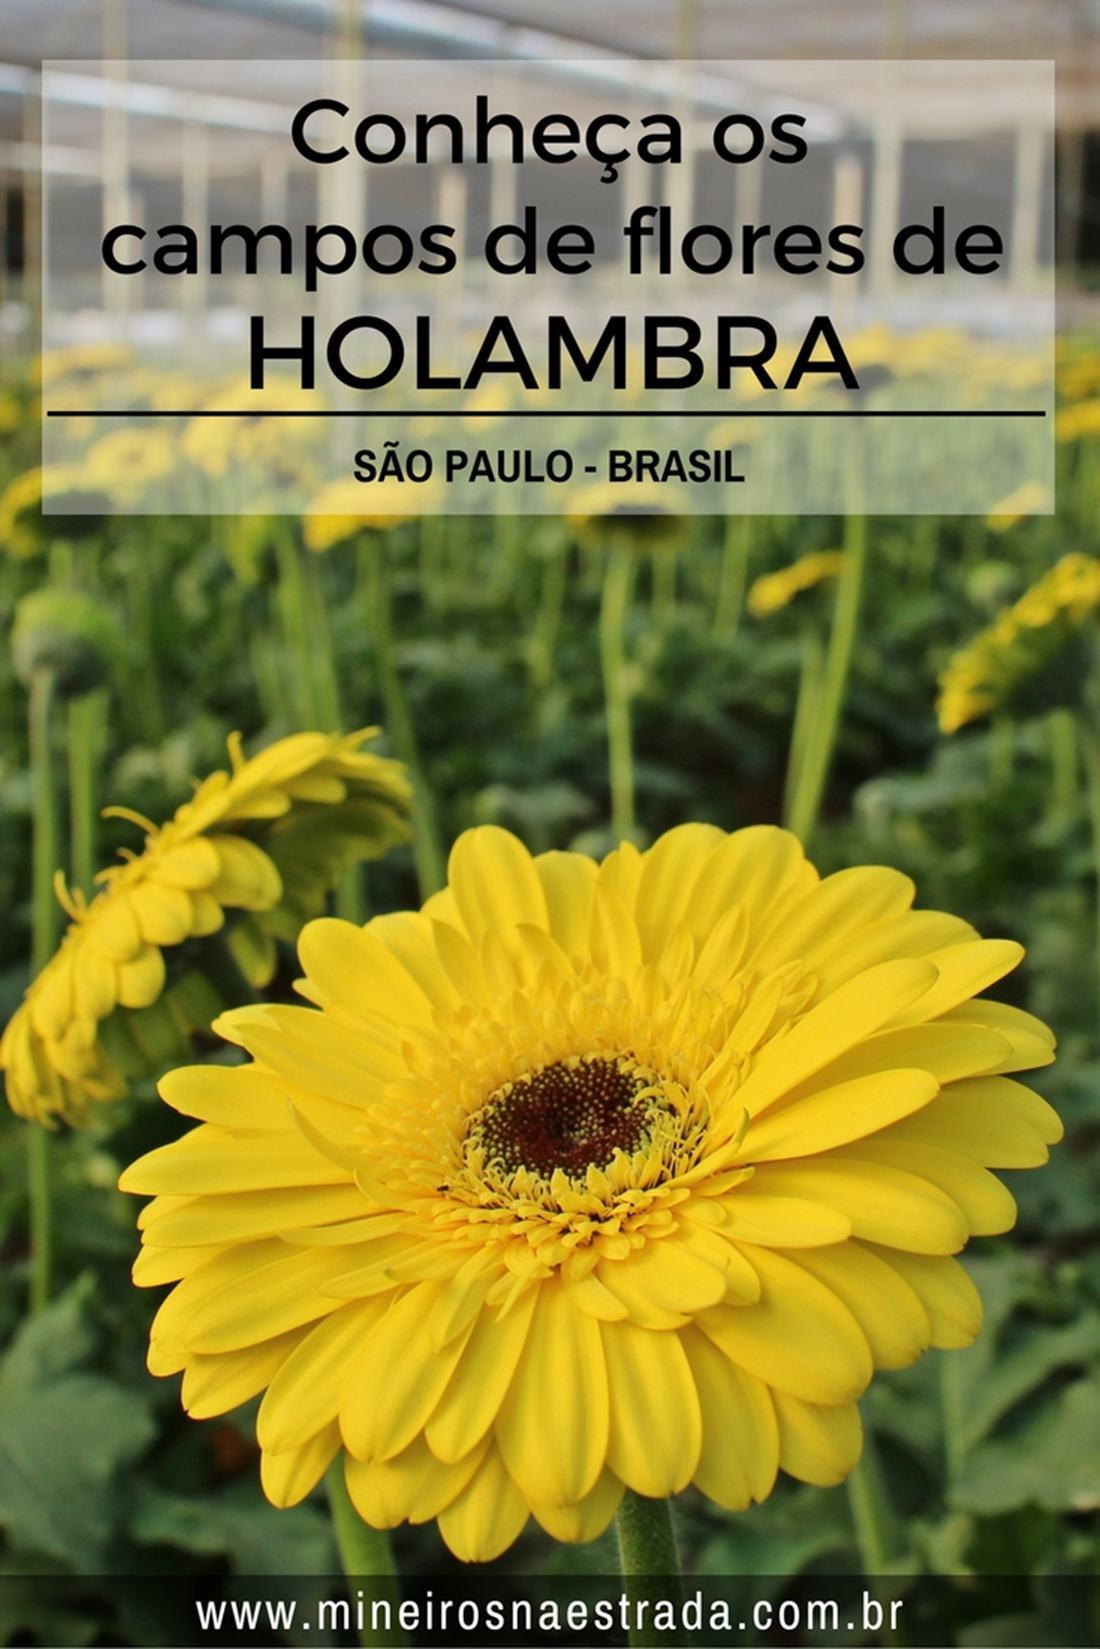 Como é o city tour por Holambra, passando por campos de gérberas, crisântemos e lisiantos, além de outros pontos de interesse na cidade mais importante do Brasil em produção de flores e plantas ornamentais.